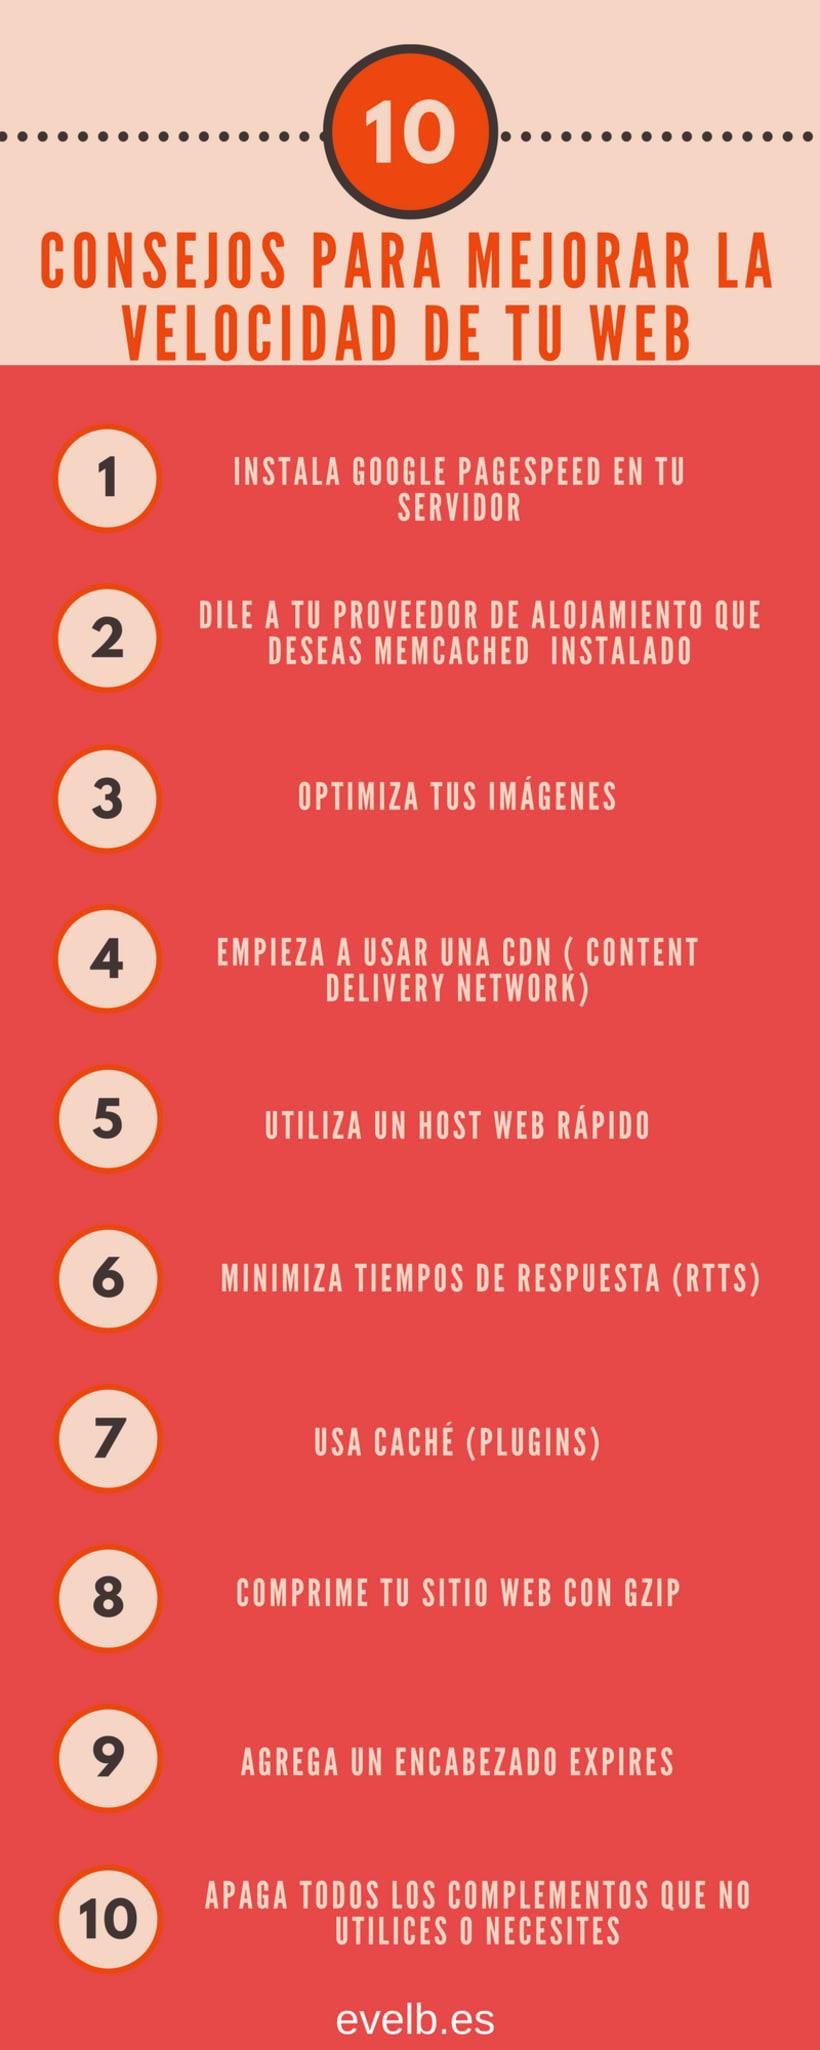 Infografías evelb.es 8